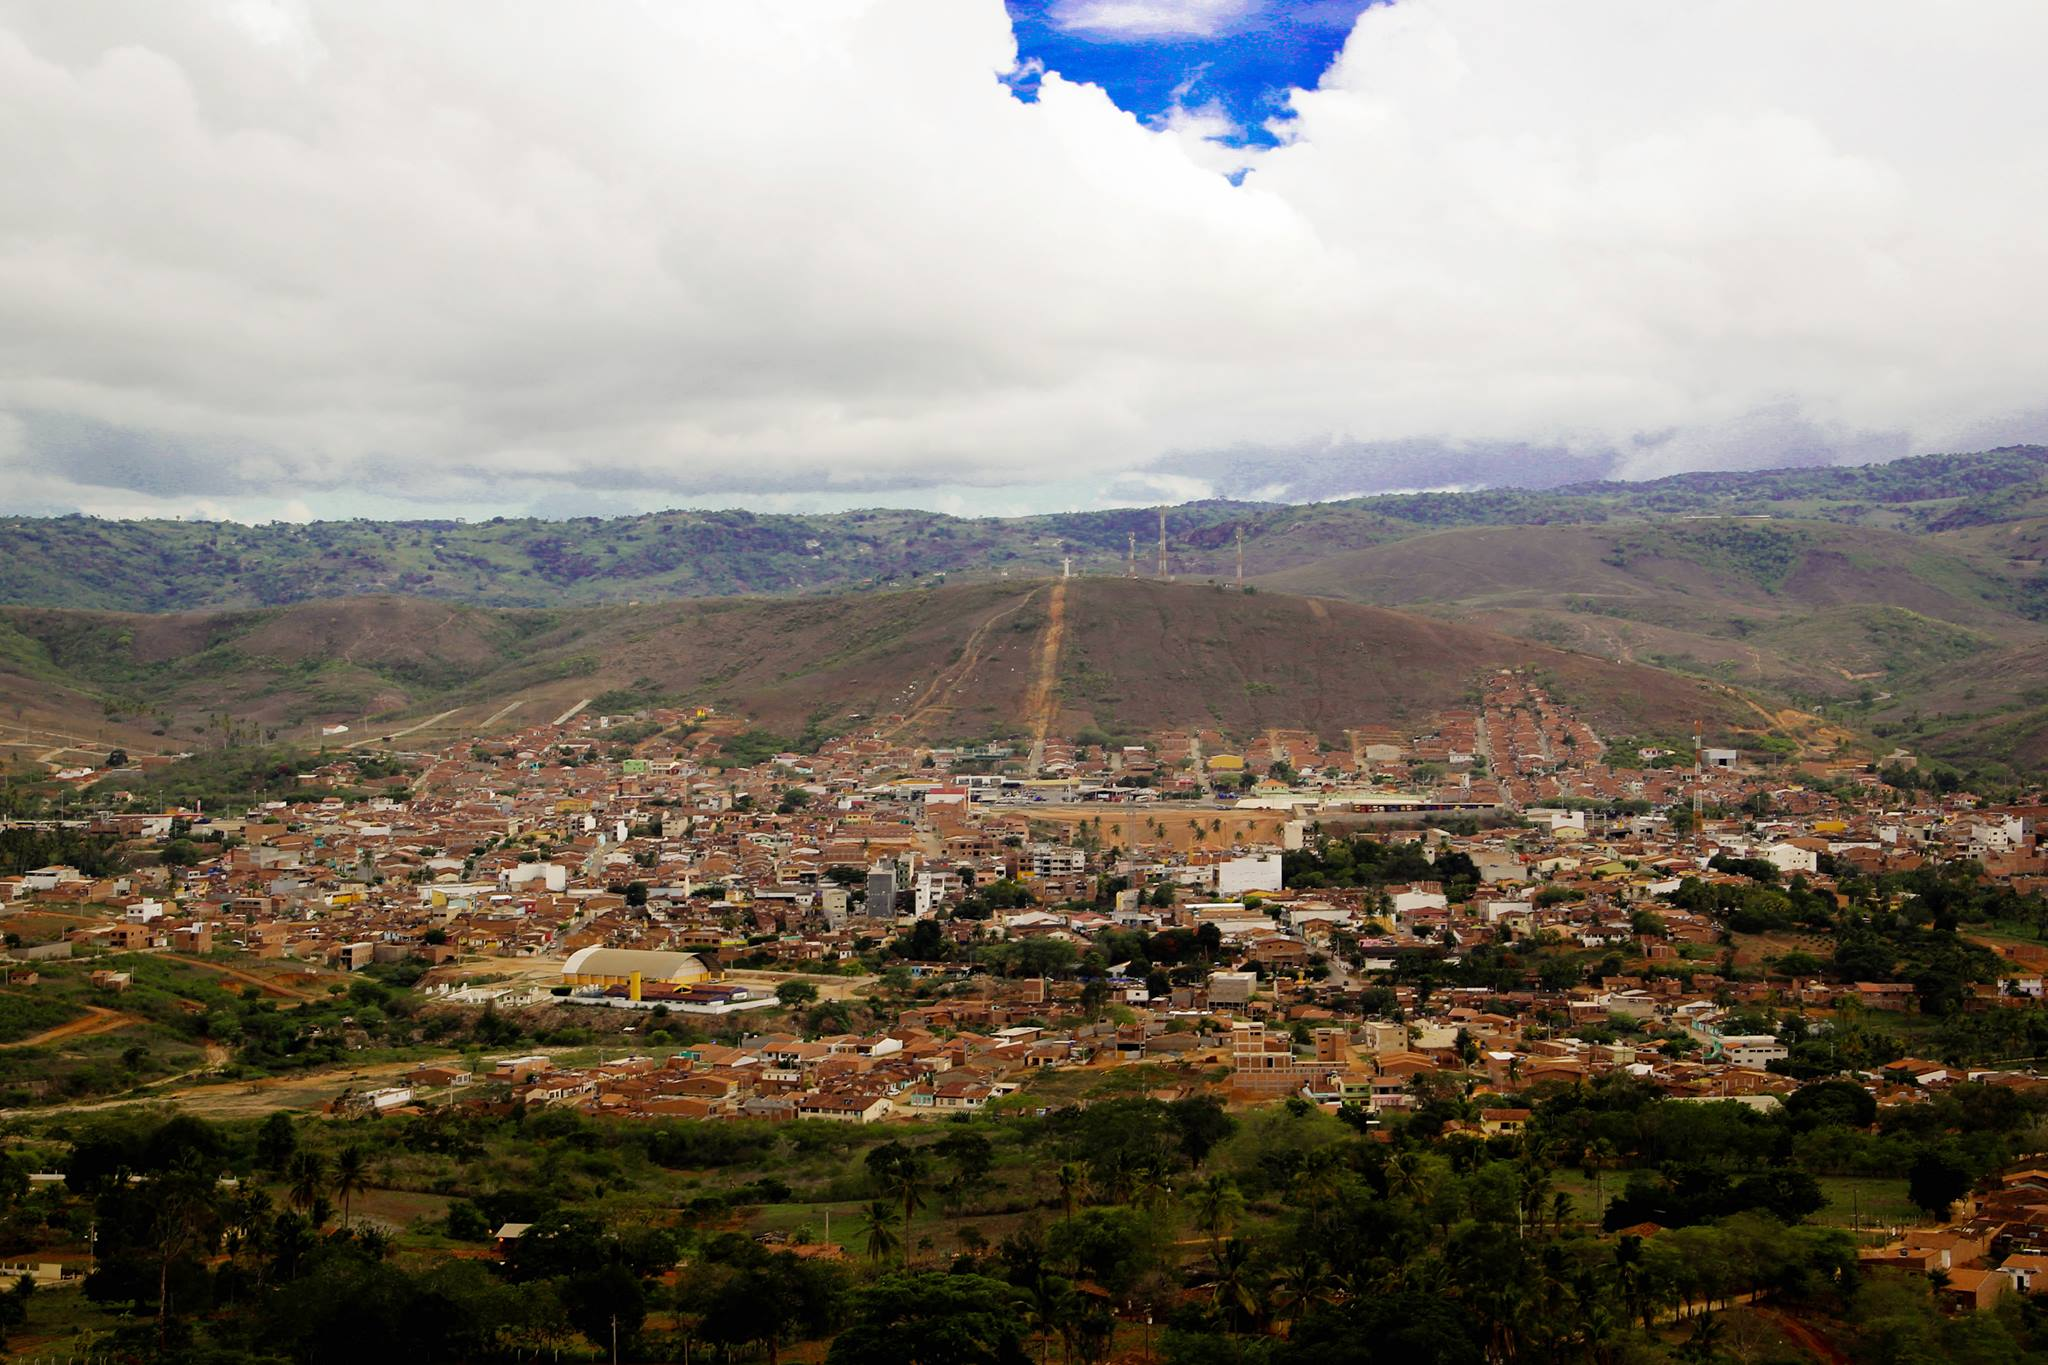 Pombos Pernambuco fonte: pernambuconoticias.com.br